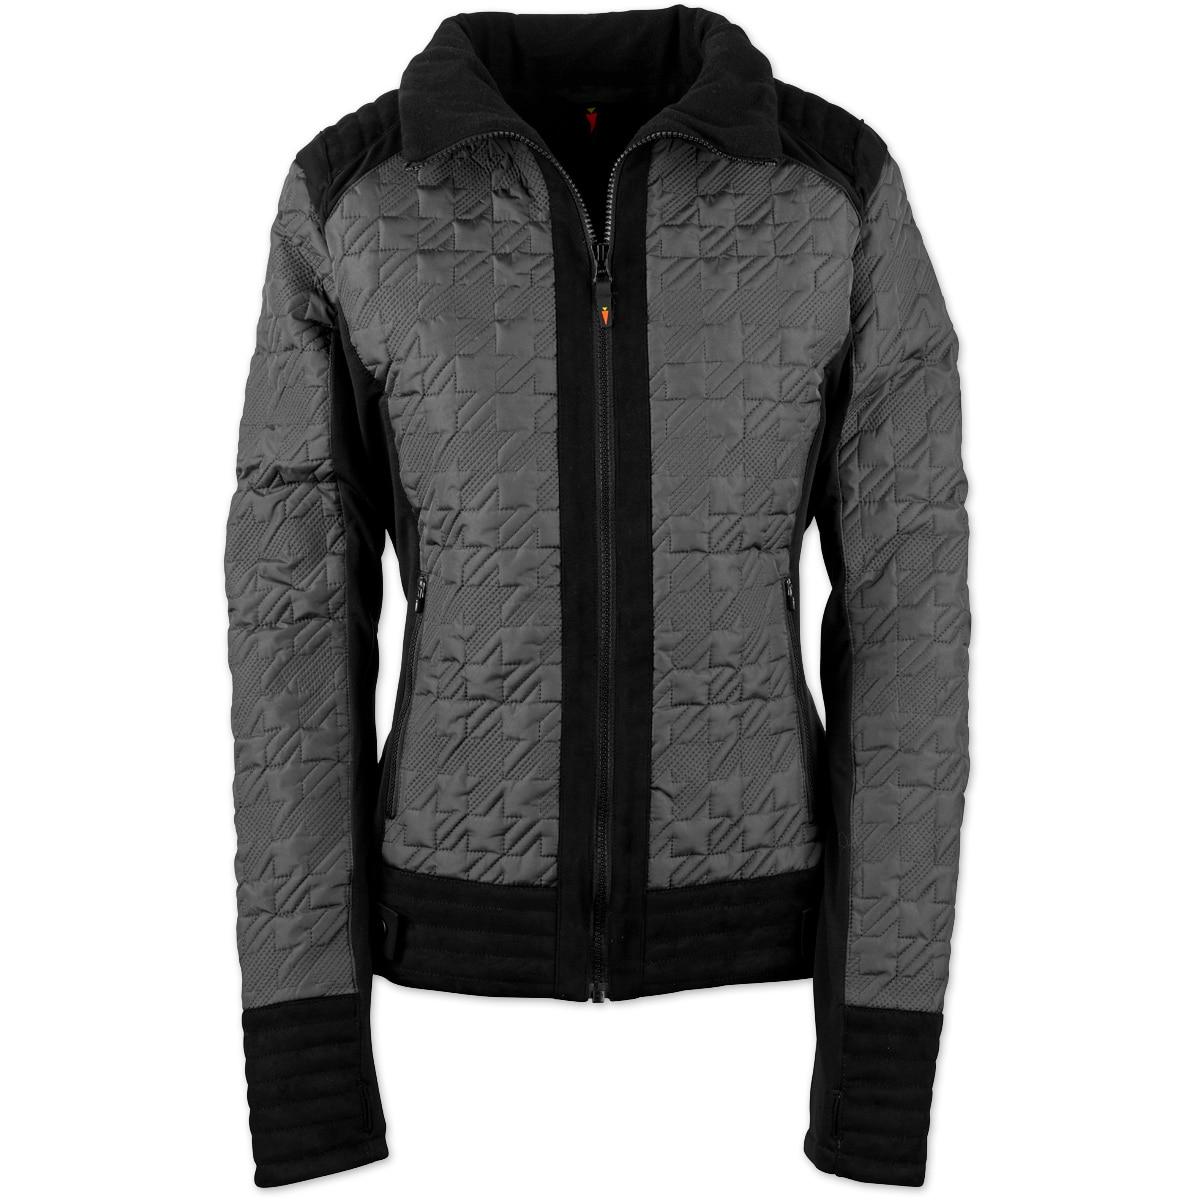 c8f6058d5 Kerrits EQ Quilted Moto Jacket